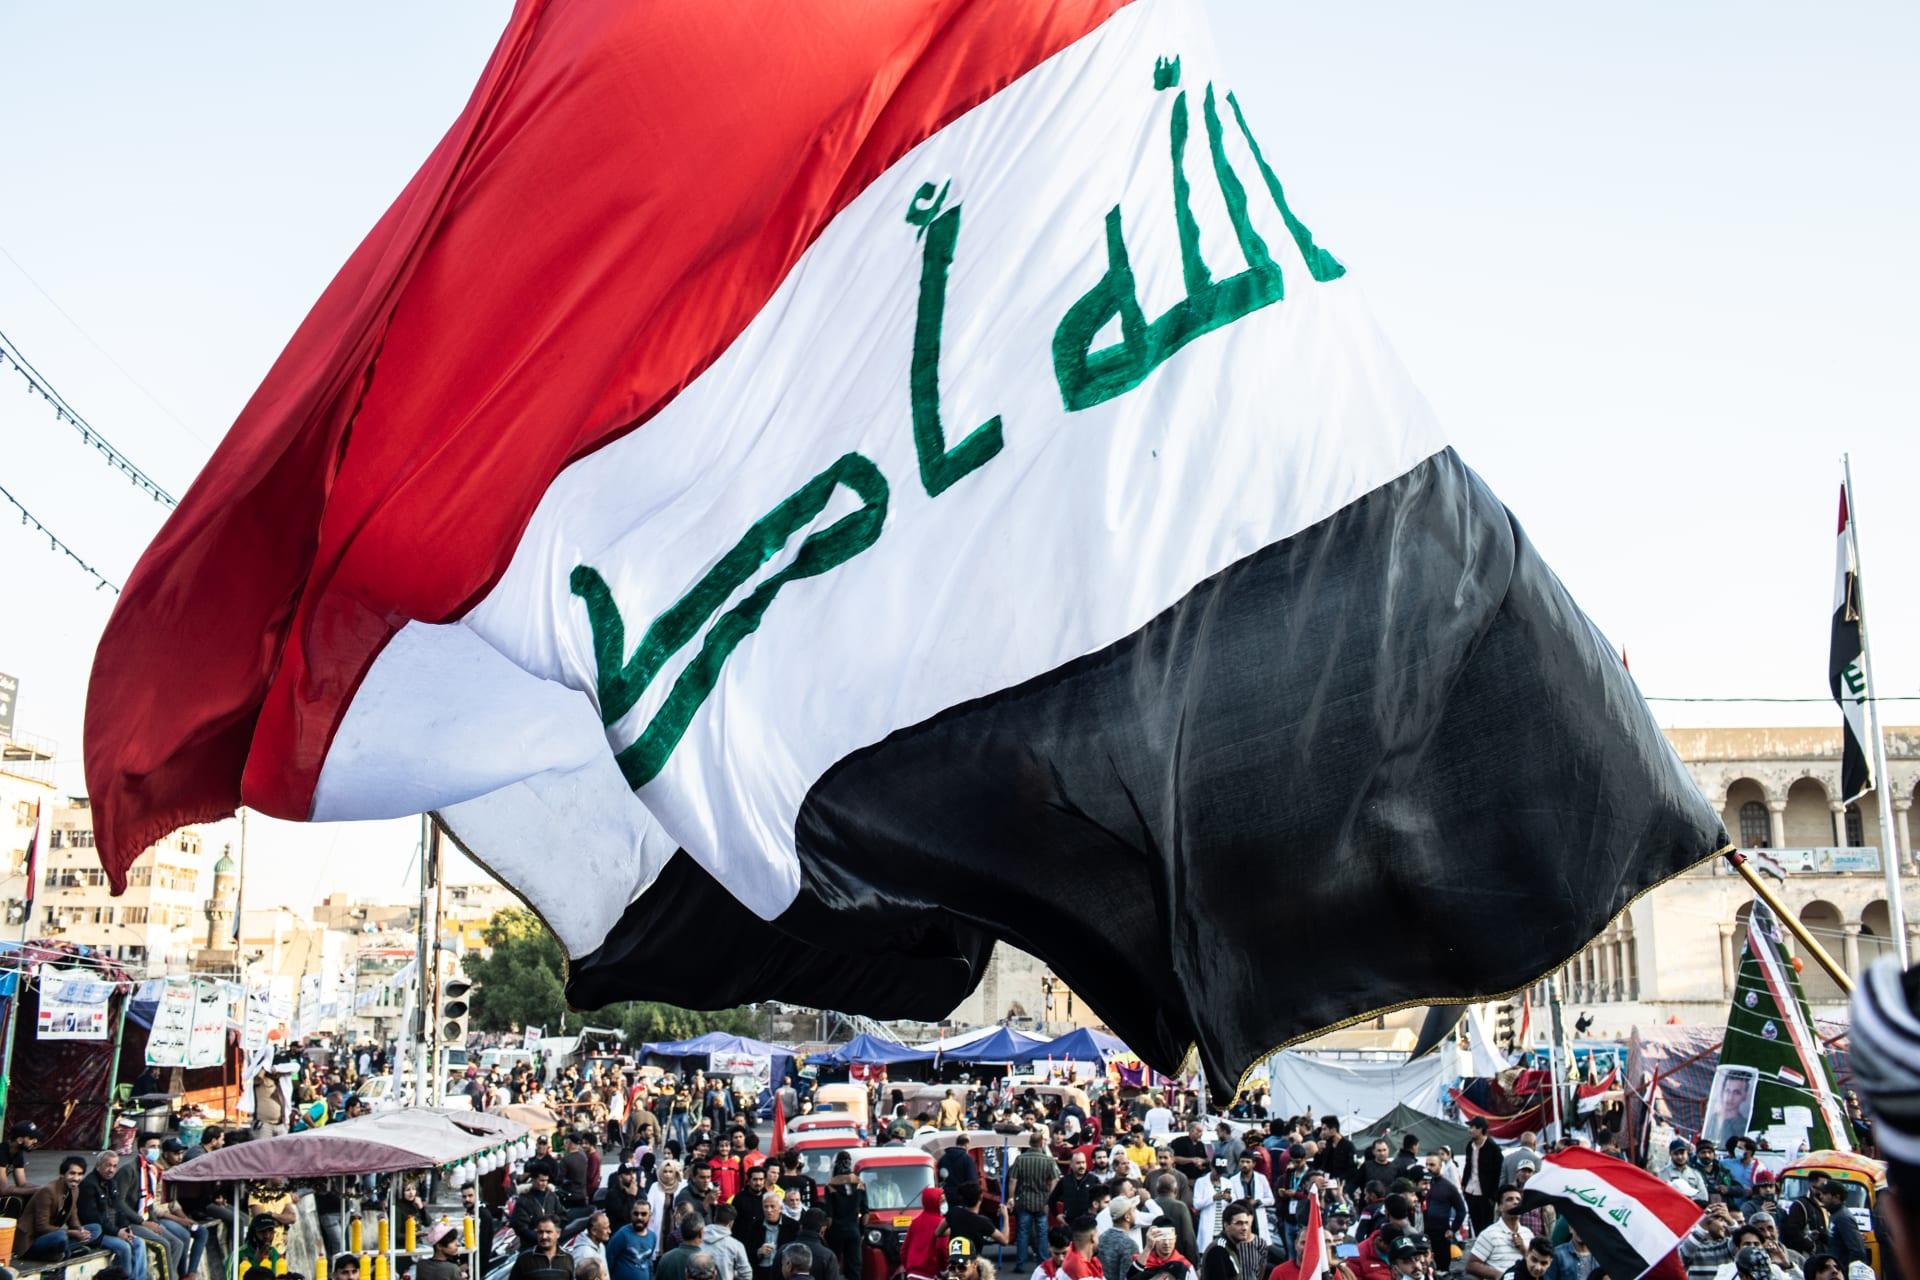 احتفالات تعم ساحة التحرير بالعراق بعد قرار رئيس الحكومة عزمه تقديم استقالته للبرلمان